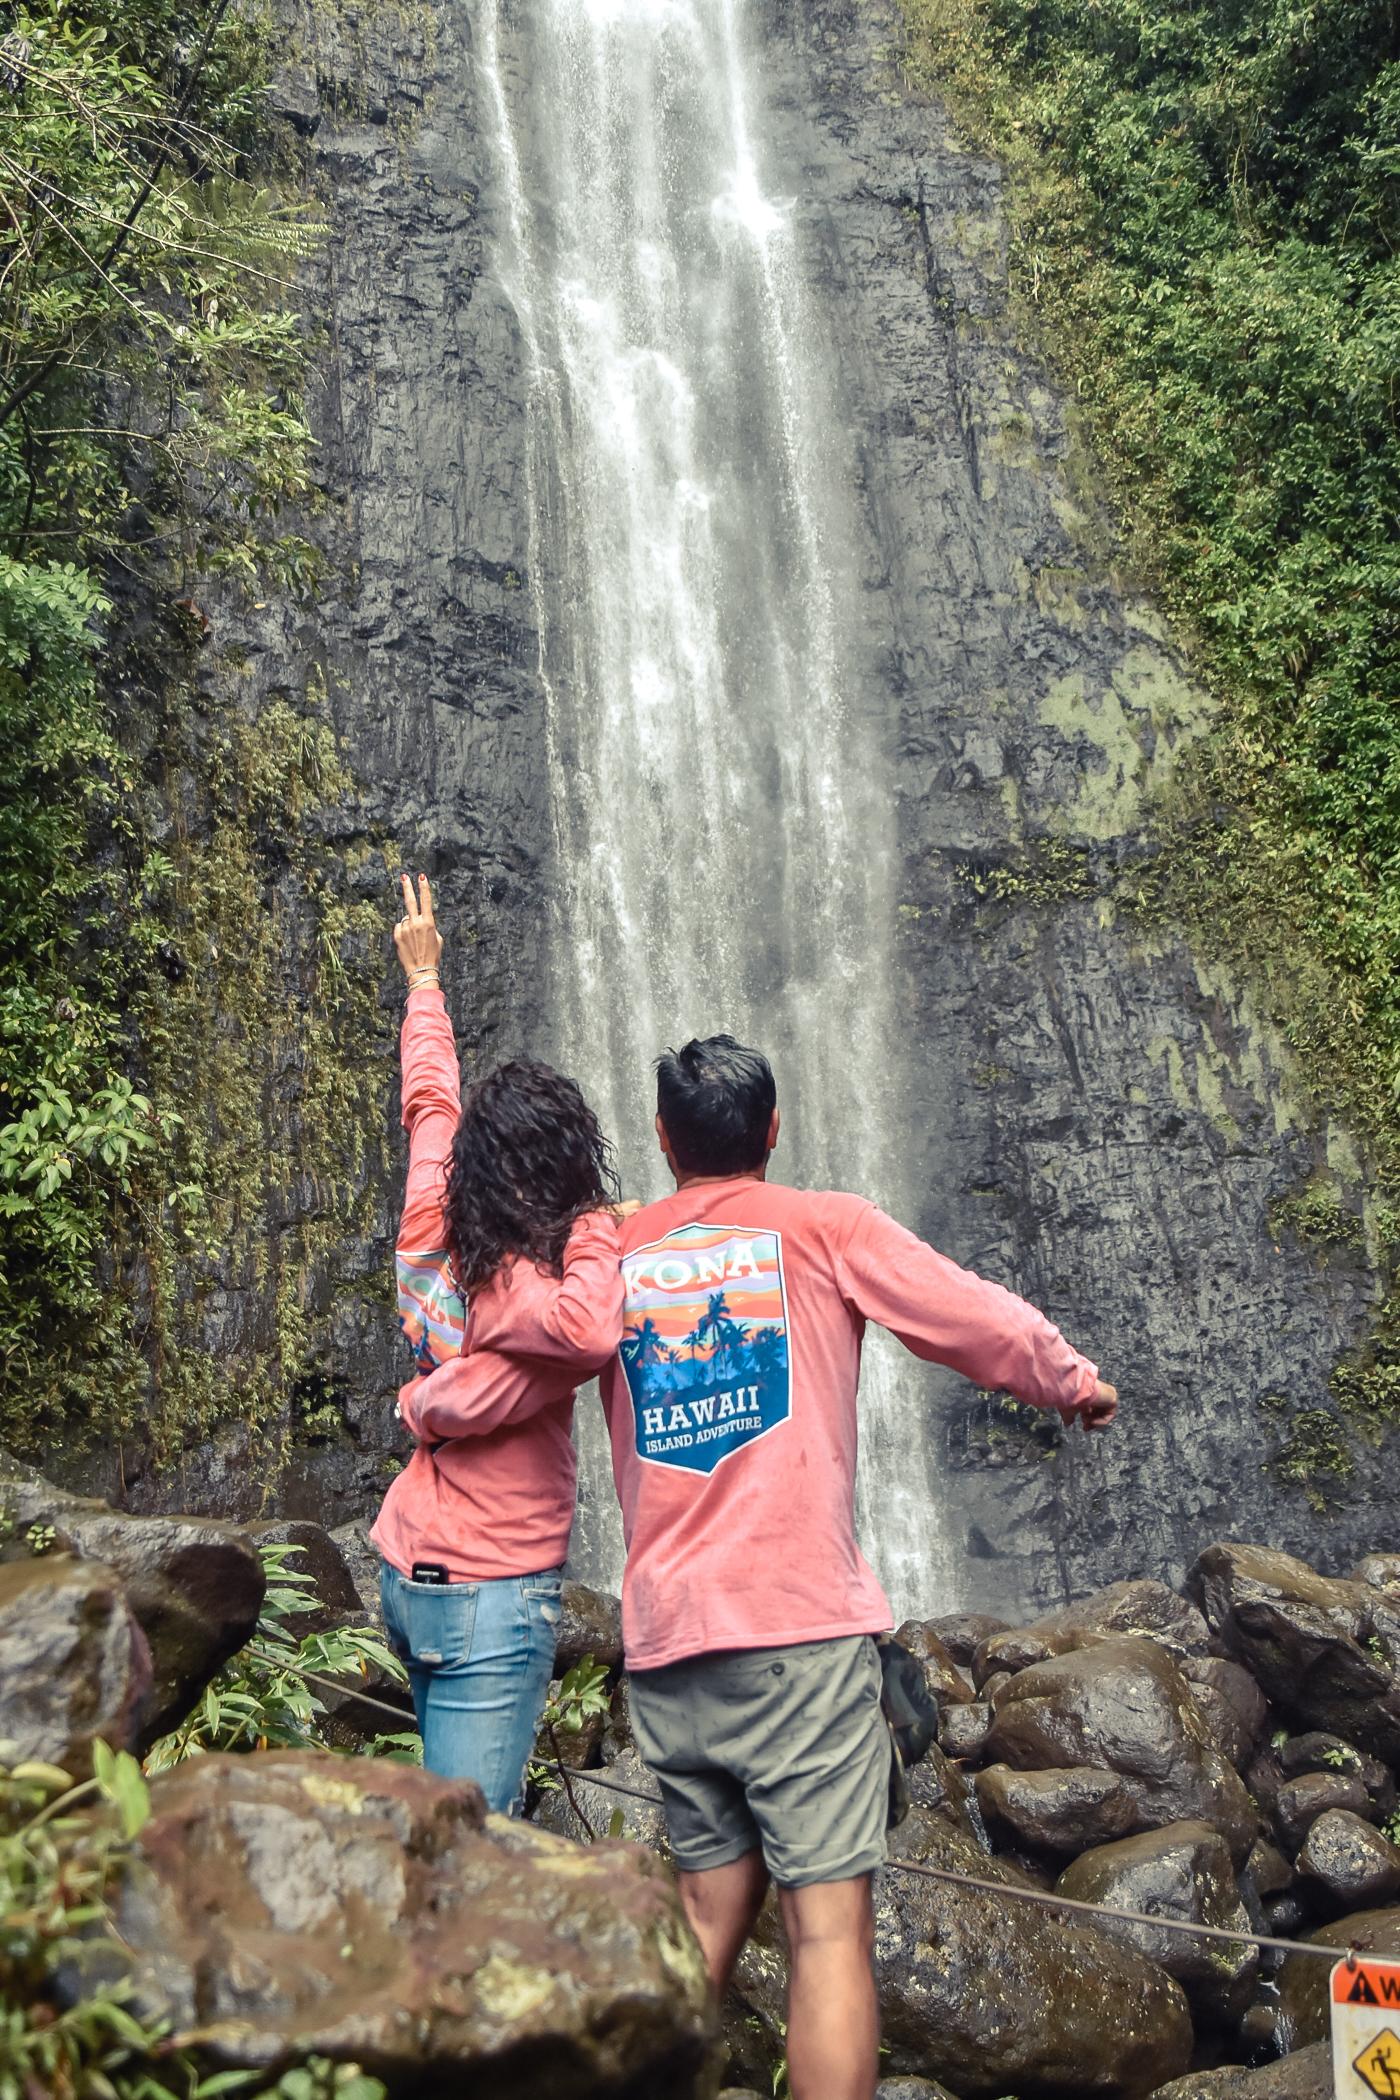 13-el-blog-de-silvia-viaje-hawaii-oahu-sudadera-rosa-jeans